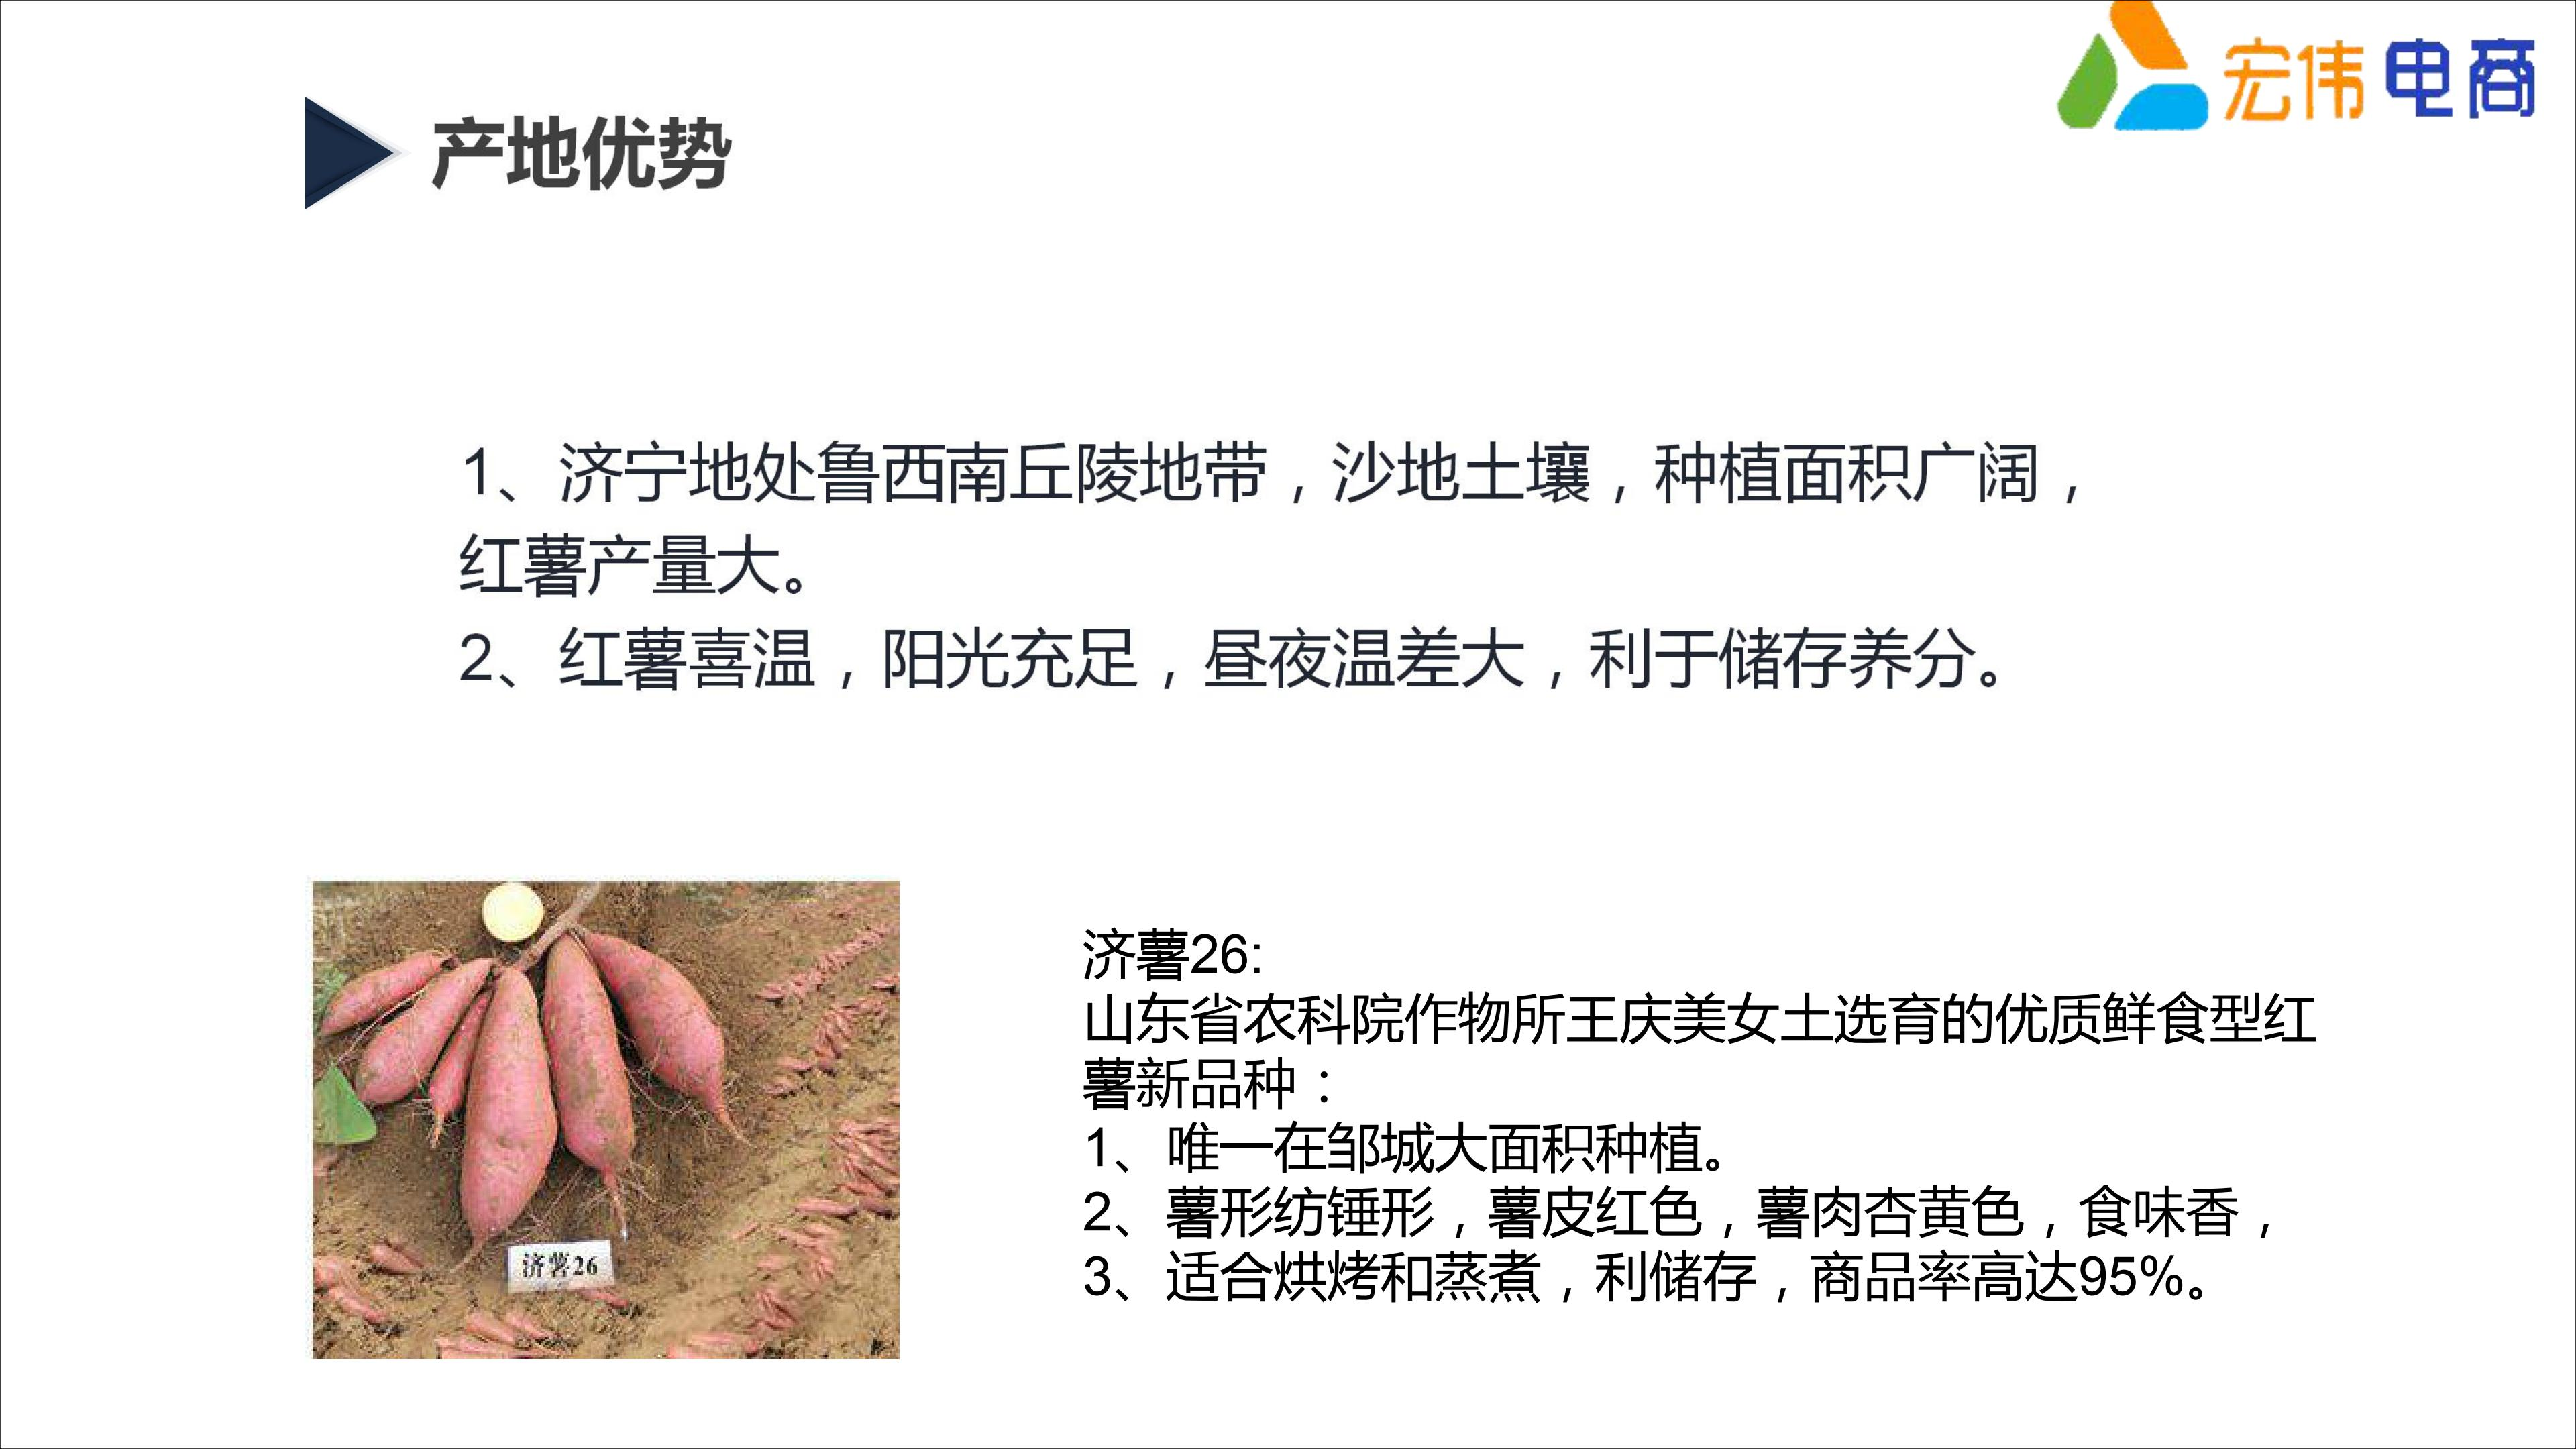 红薯助力万人脱贫创业计划定稿(1)_14.jpg